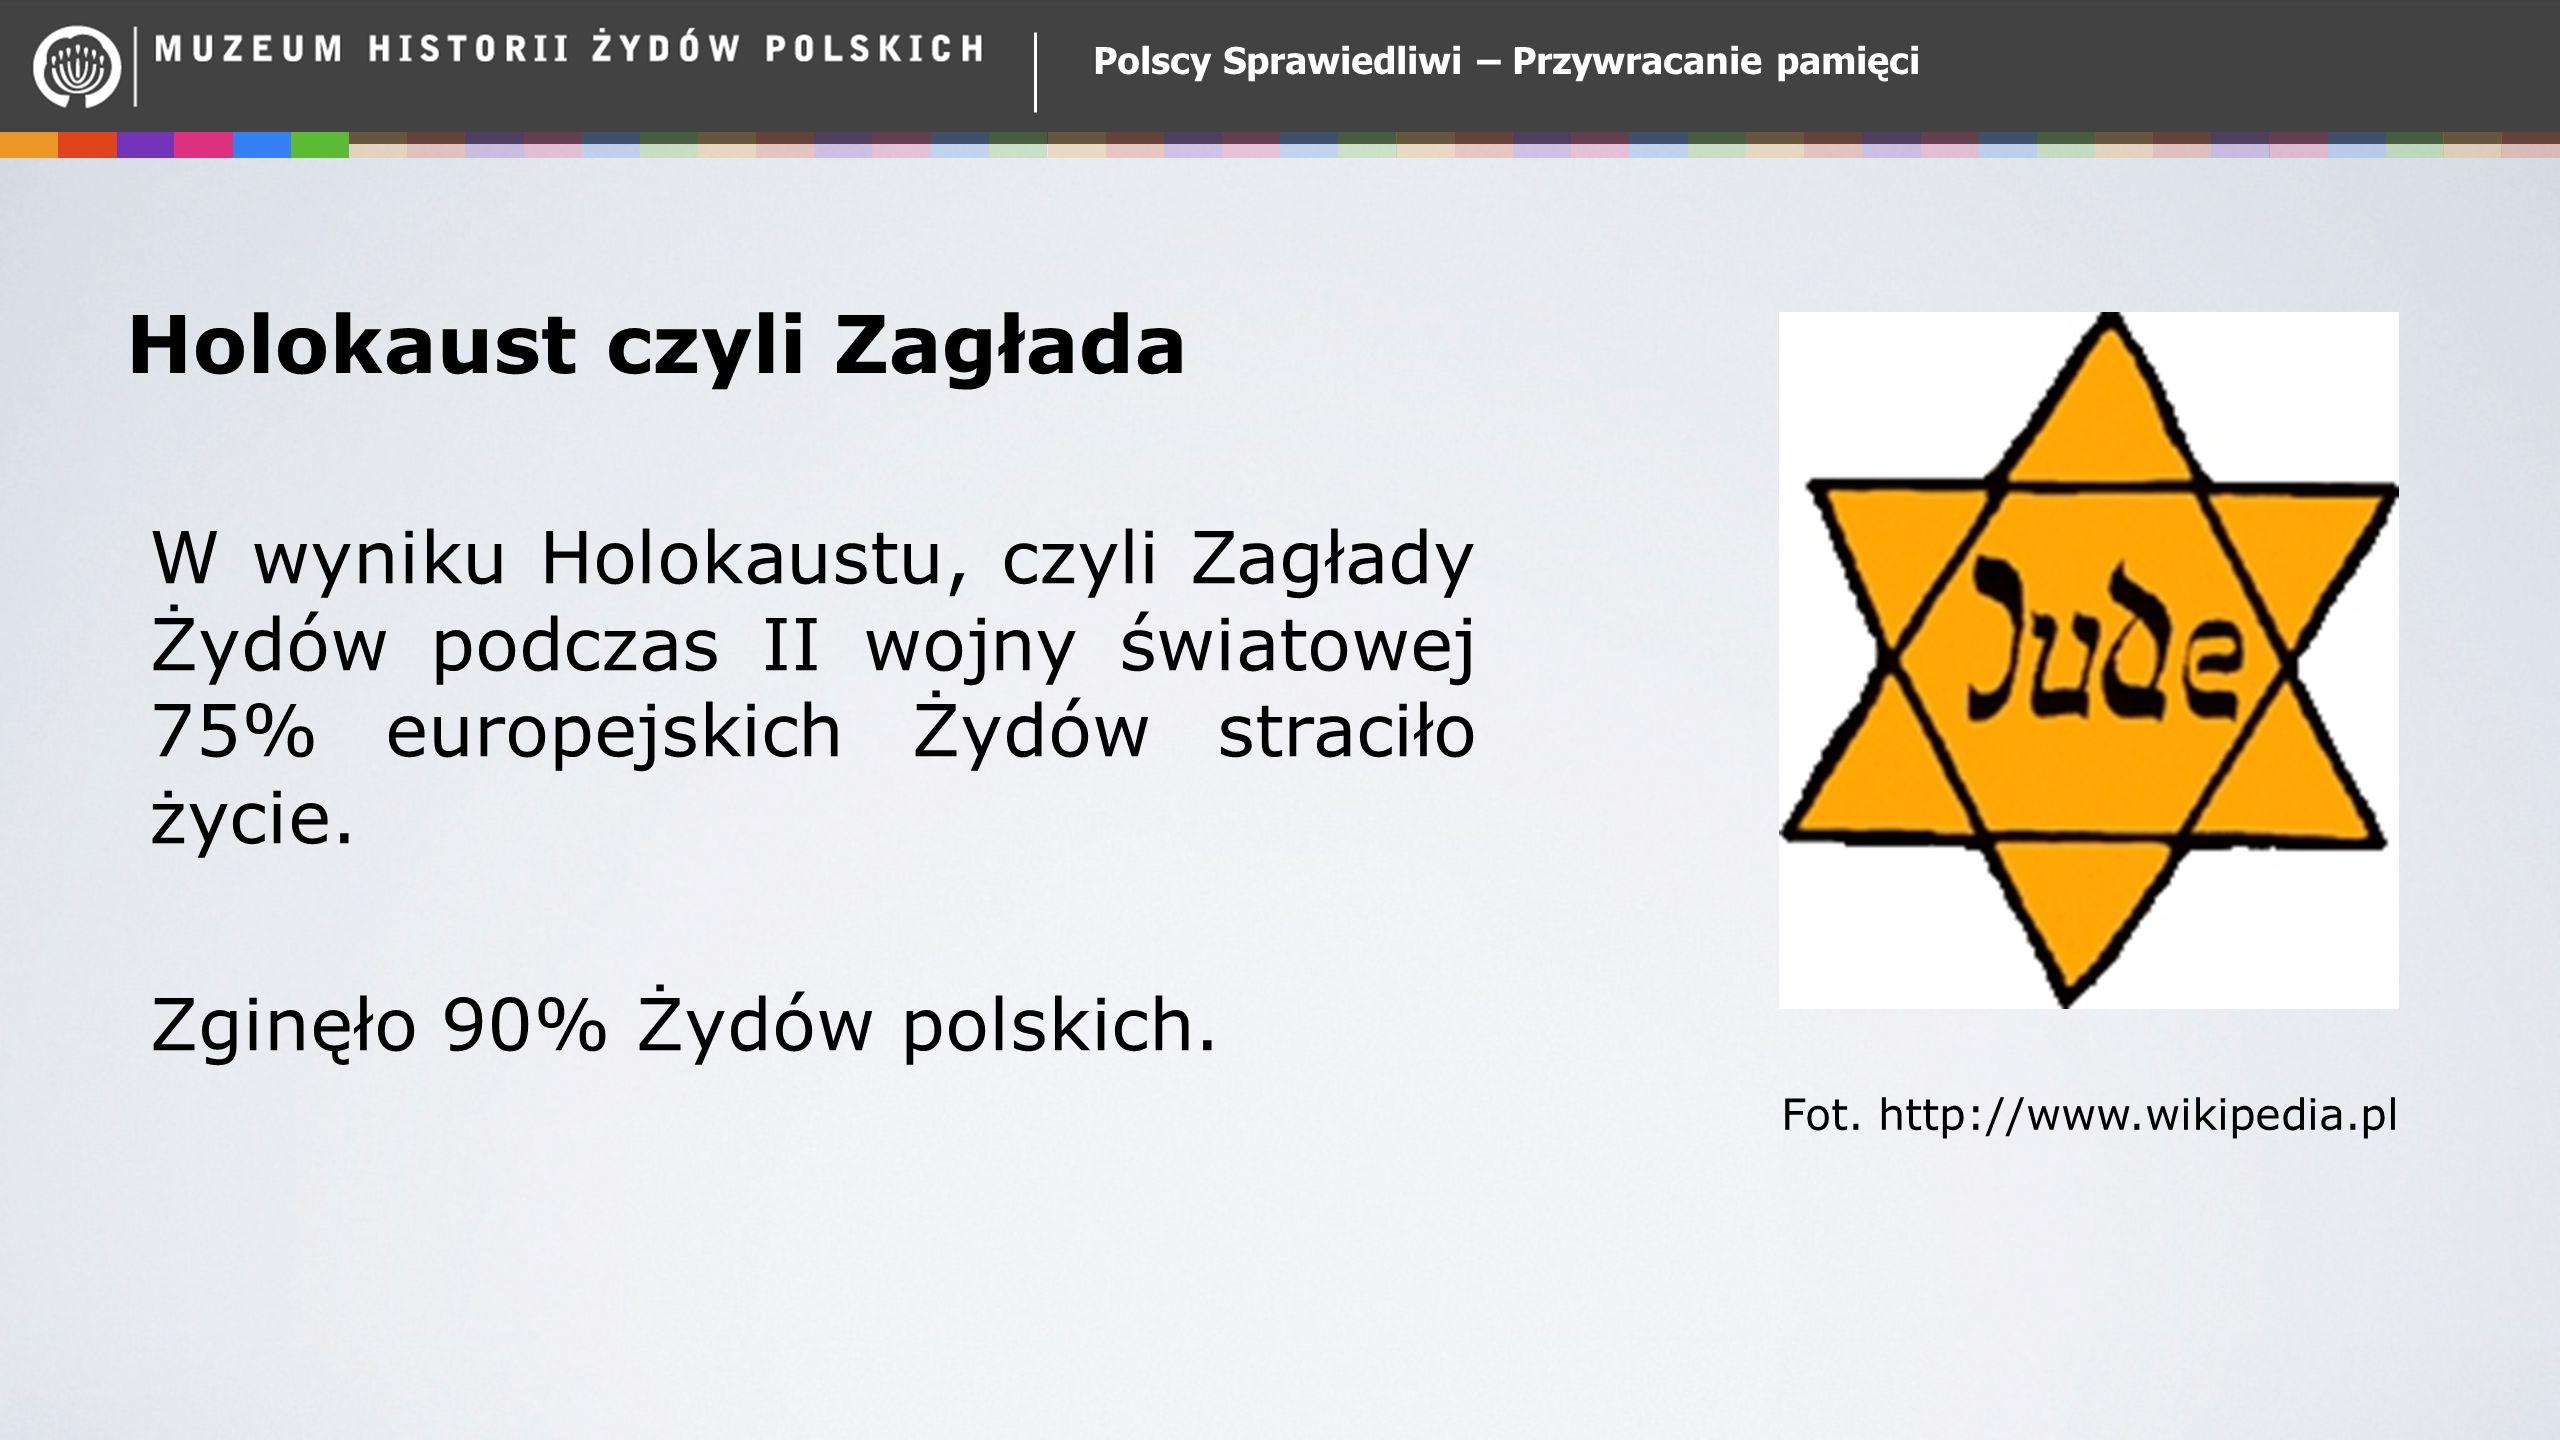 Polscy Sprawiedliwi – Przywracanie pamięci 8.